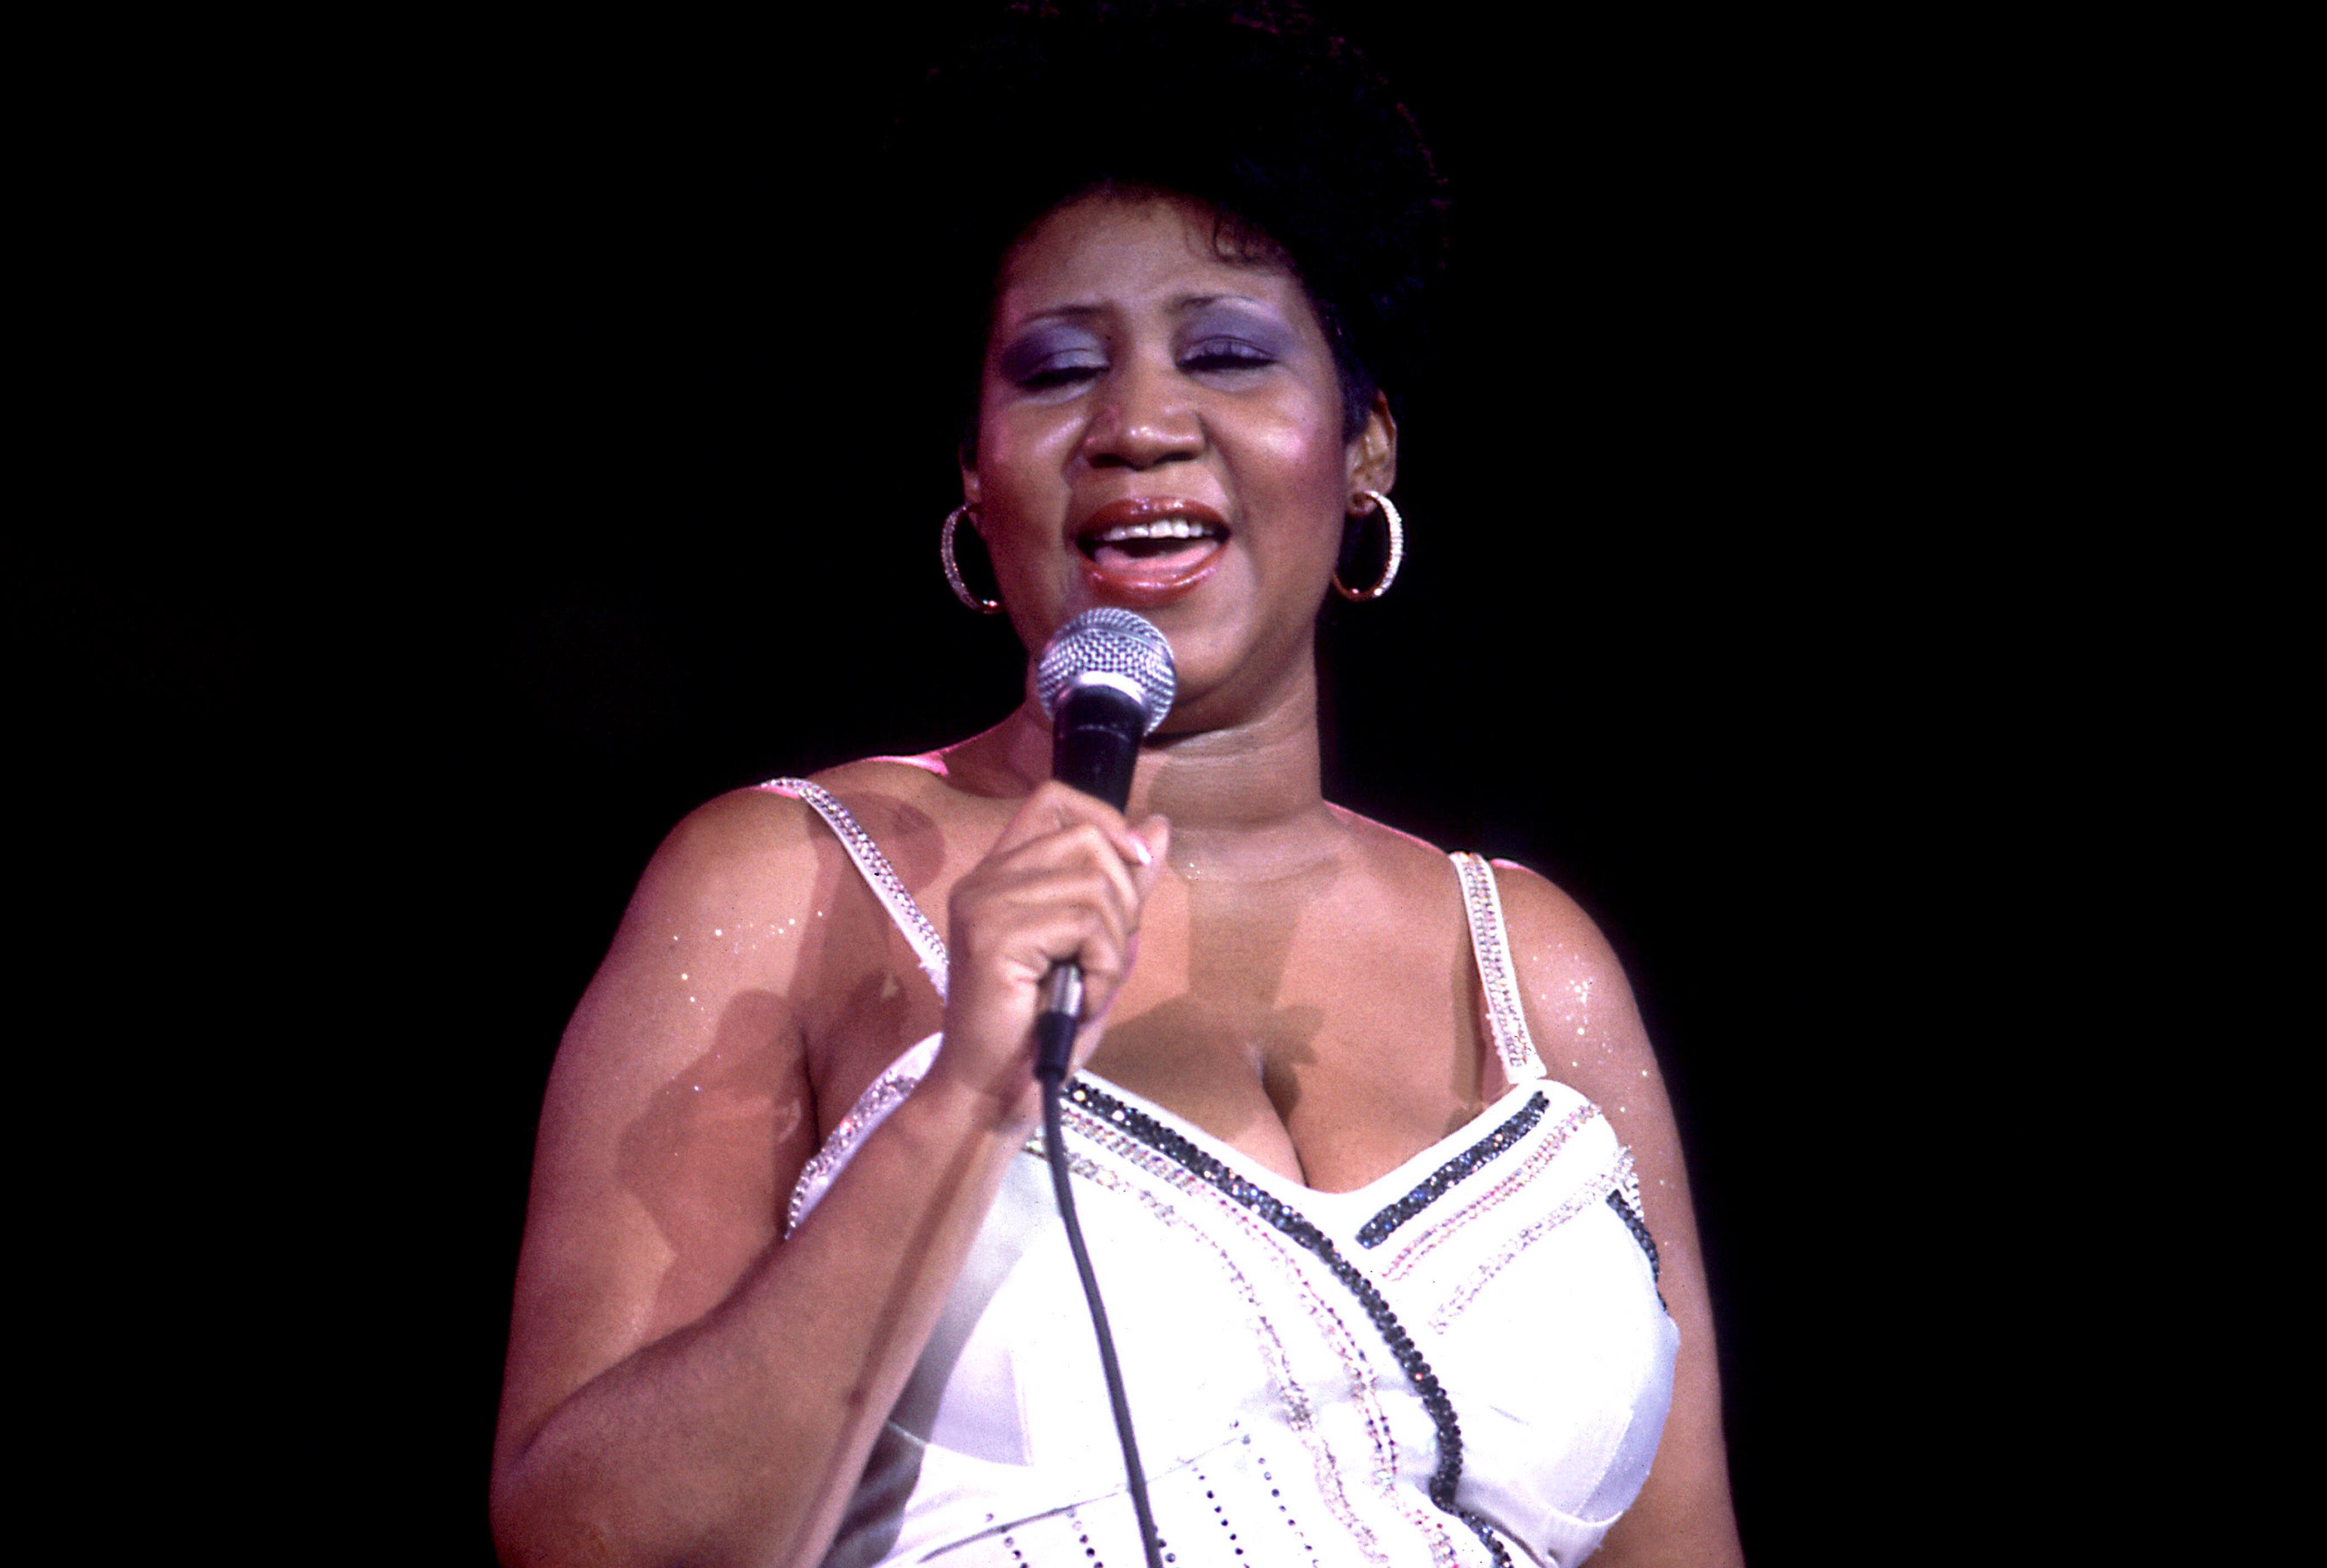 AARP, Sisters, Hoop Earrings, Aretha Franklin